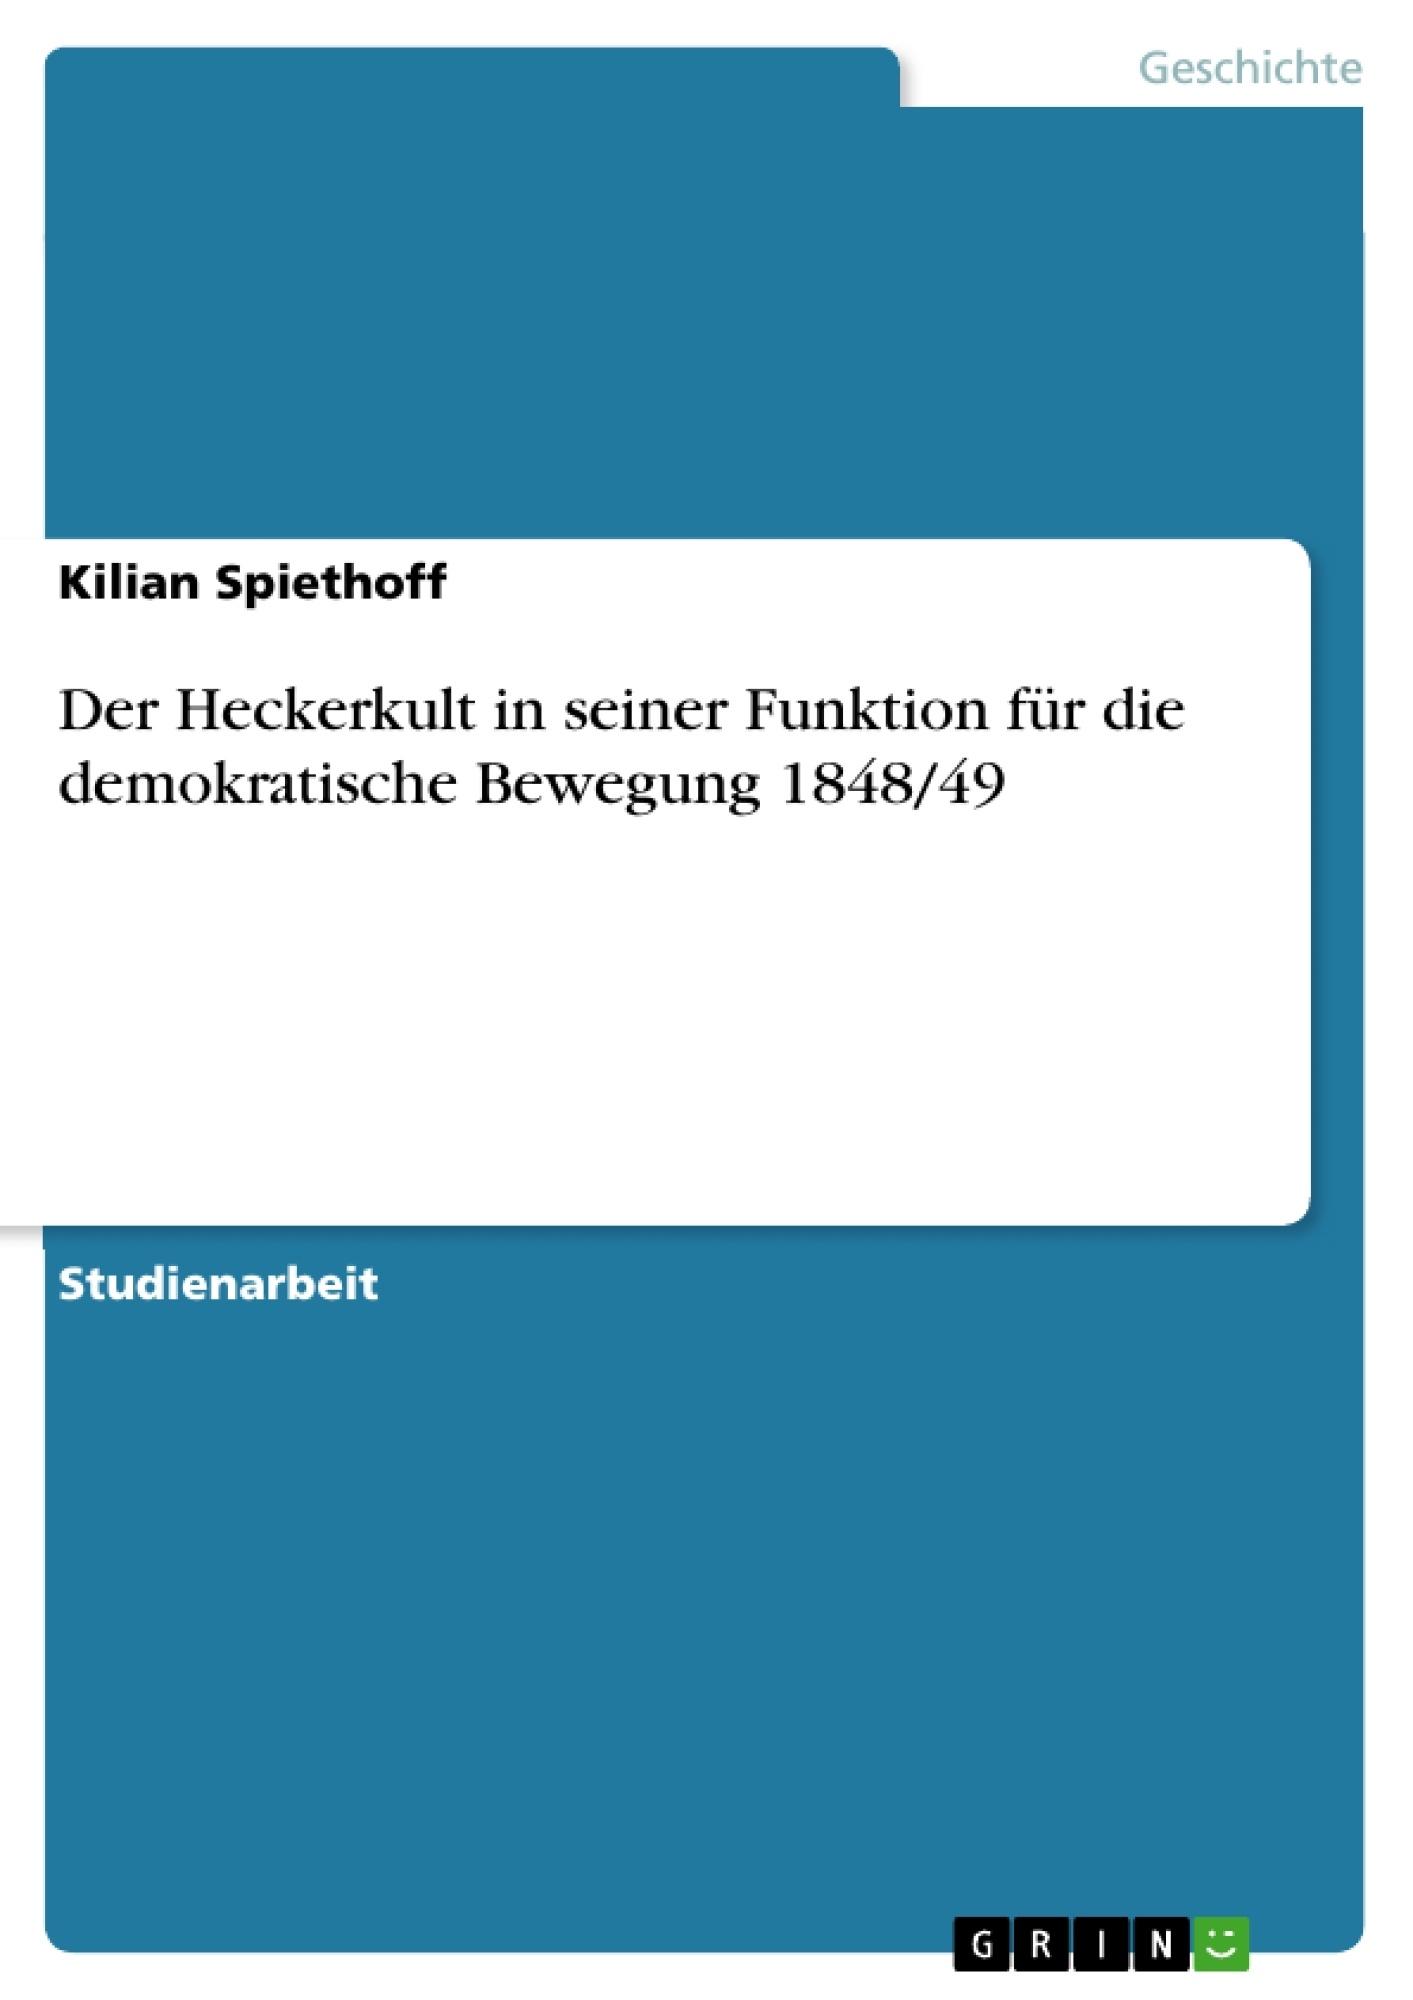 Titel: Der Heckerkult in seiner Funktion für die demokratische Bewegung 1848/49